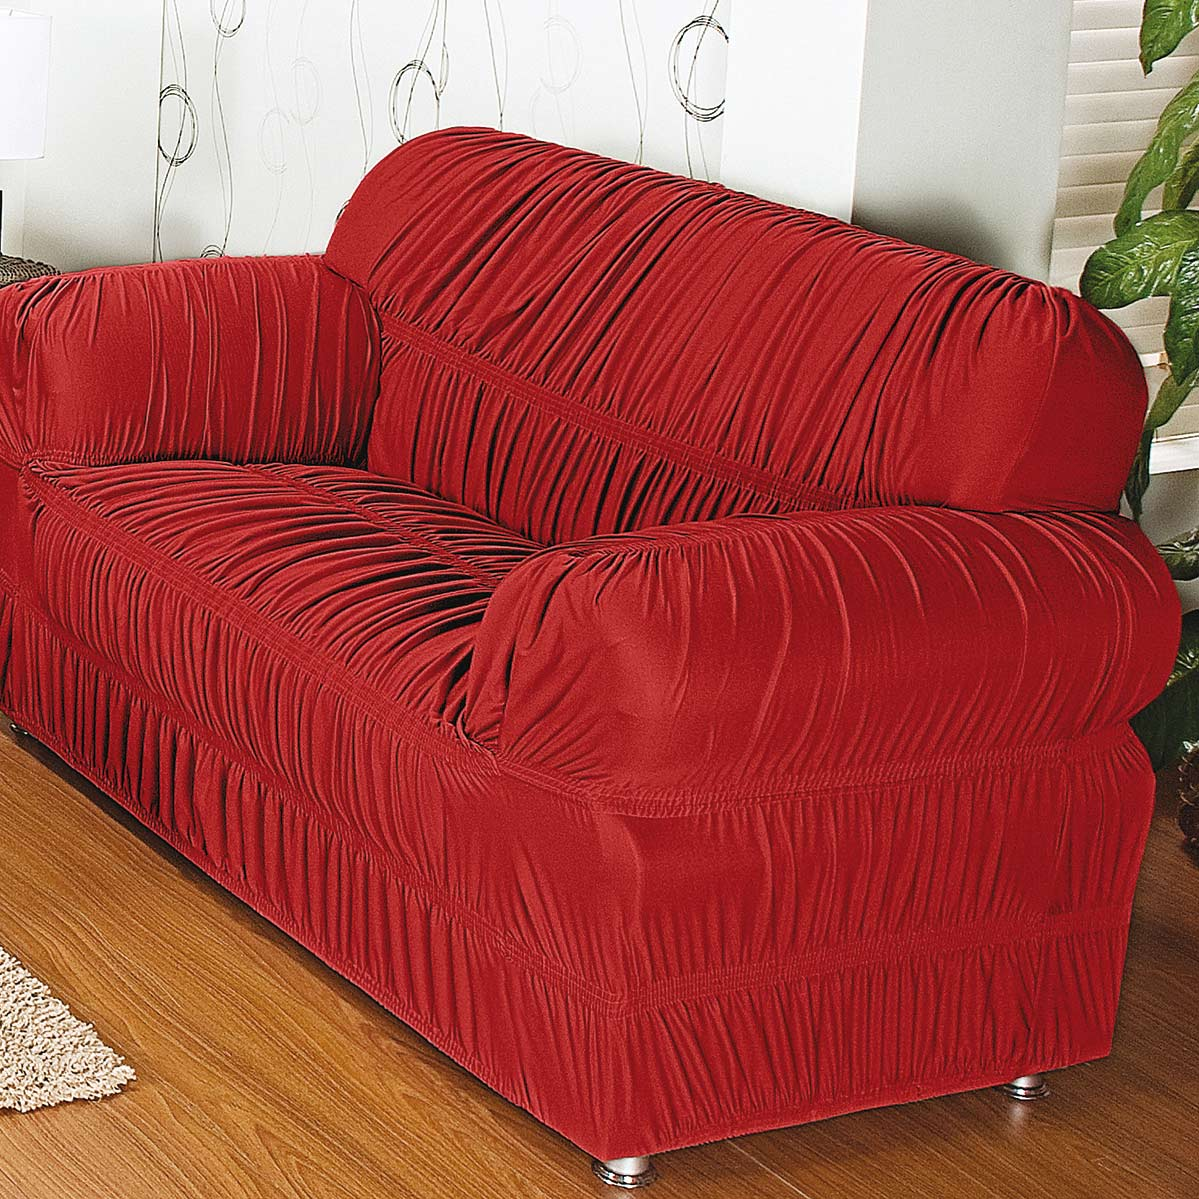 Capa de Sofa de 2 e 3 Lugares Vermelho em Malha Gel 100% Poliester com capa de 20 elatiscos em 02 pecas - Capa para Sofa Adornare